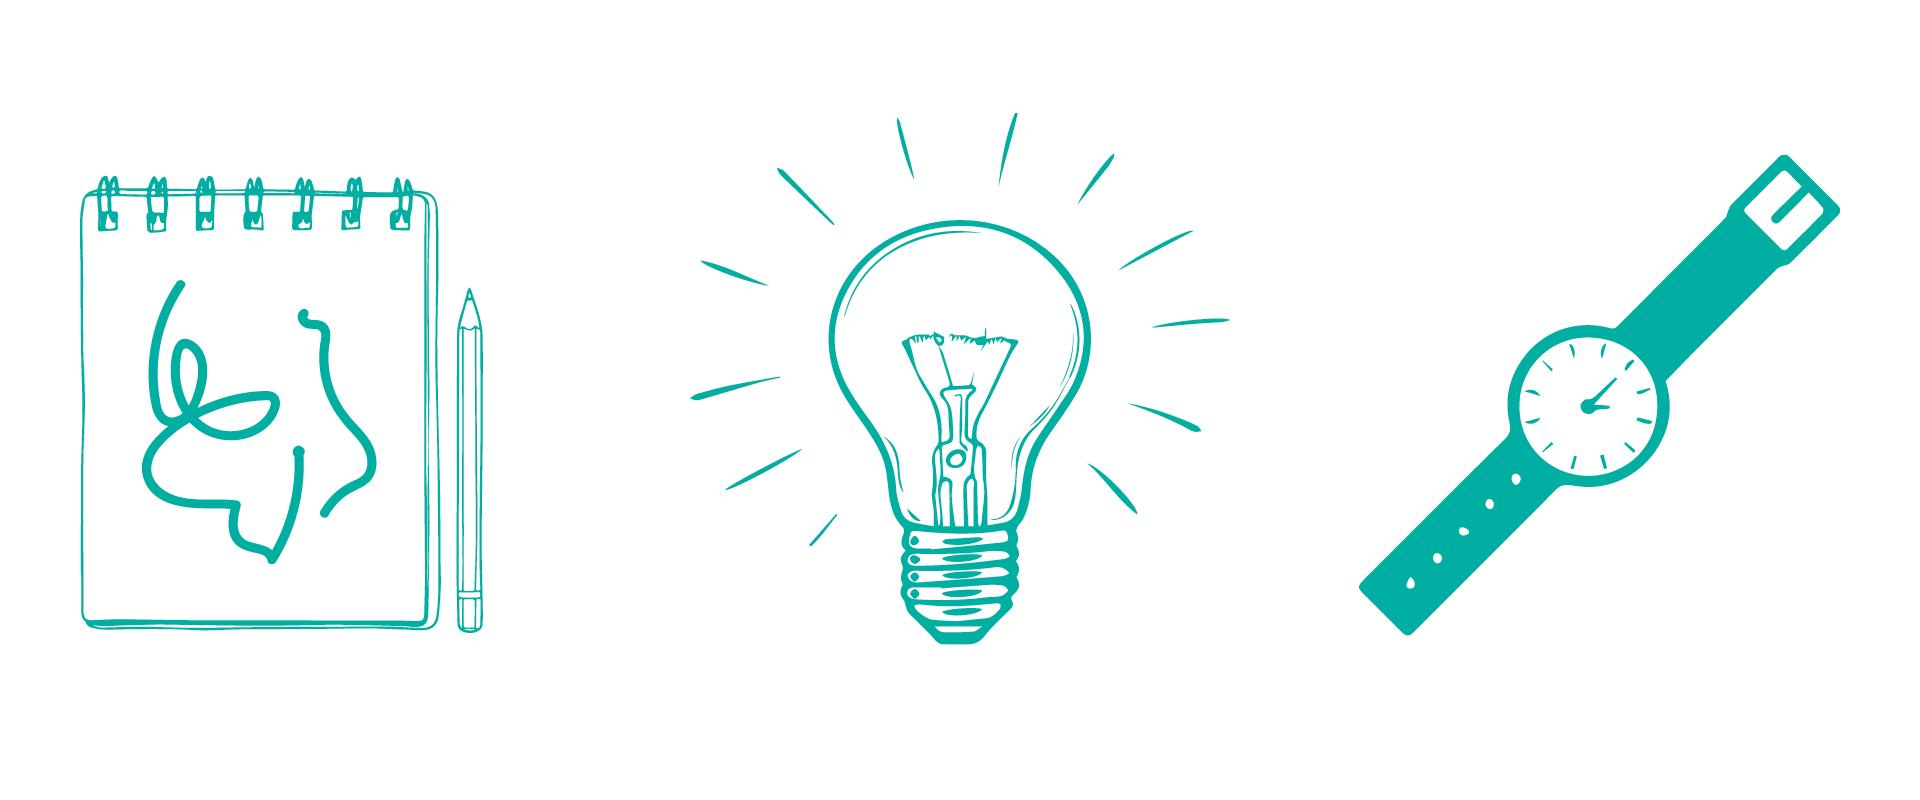 Illustratoner av ett block, en glödlampa och en klocka